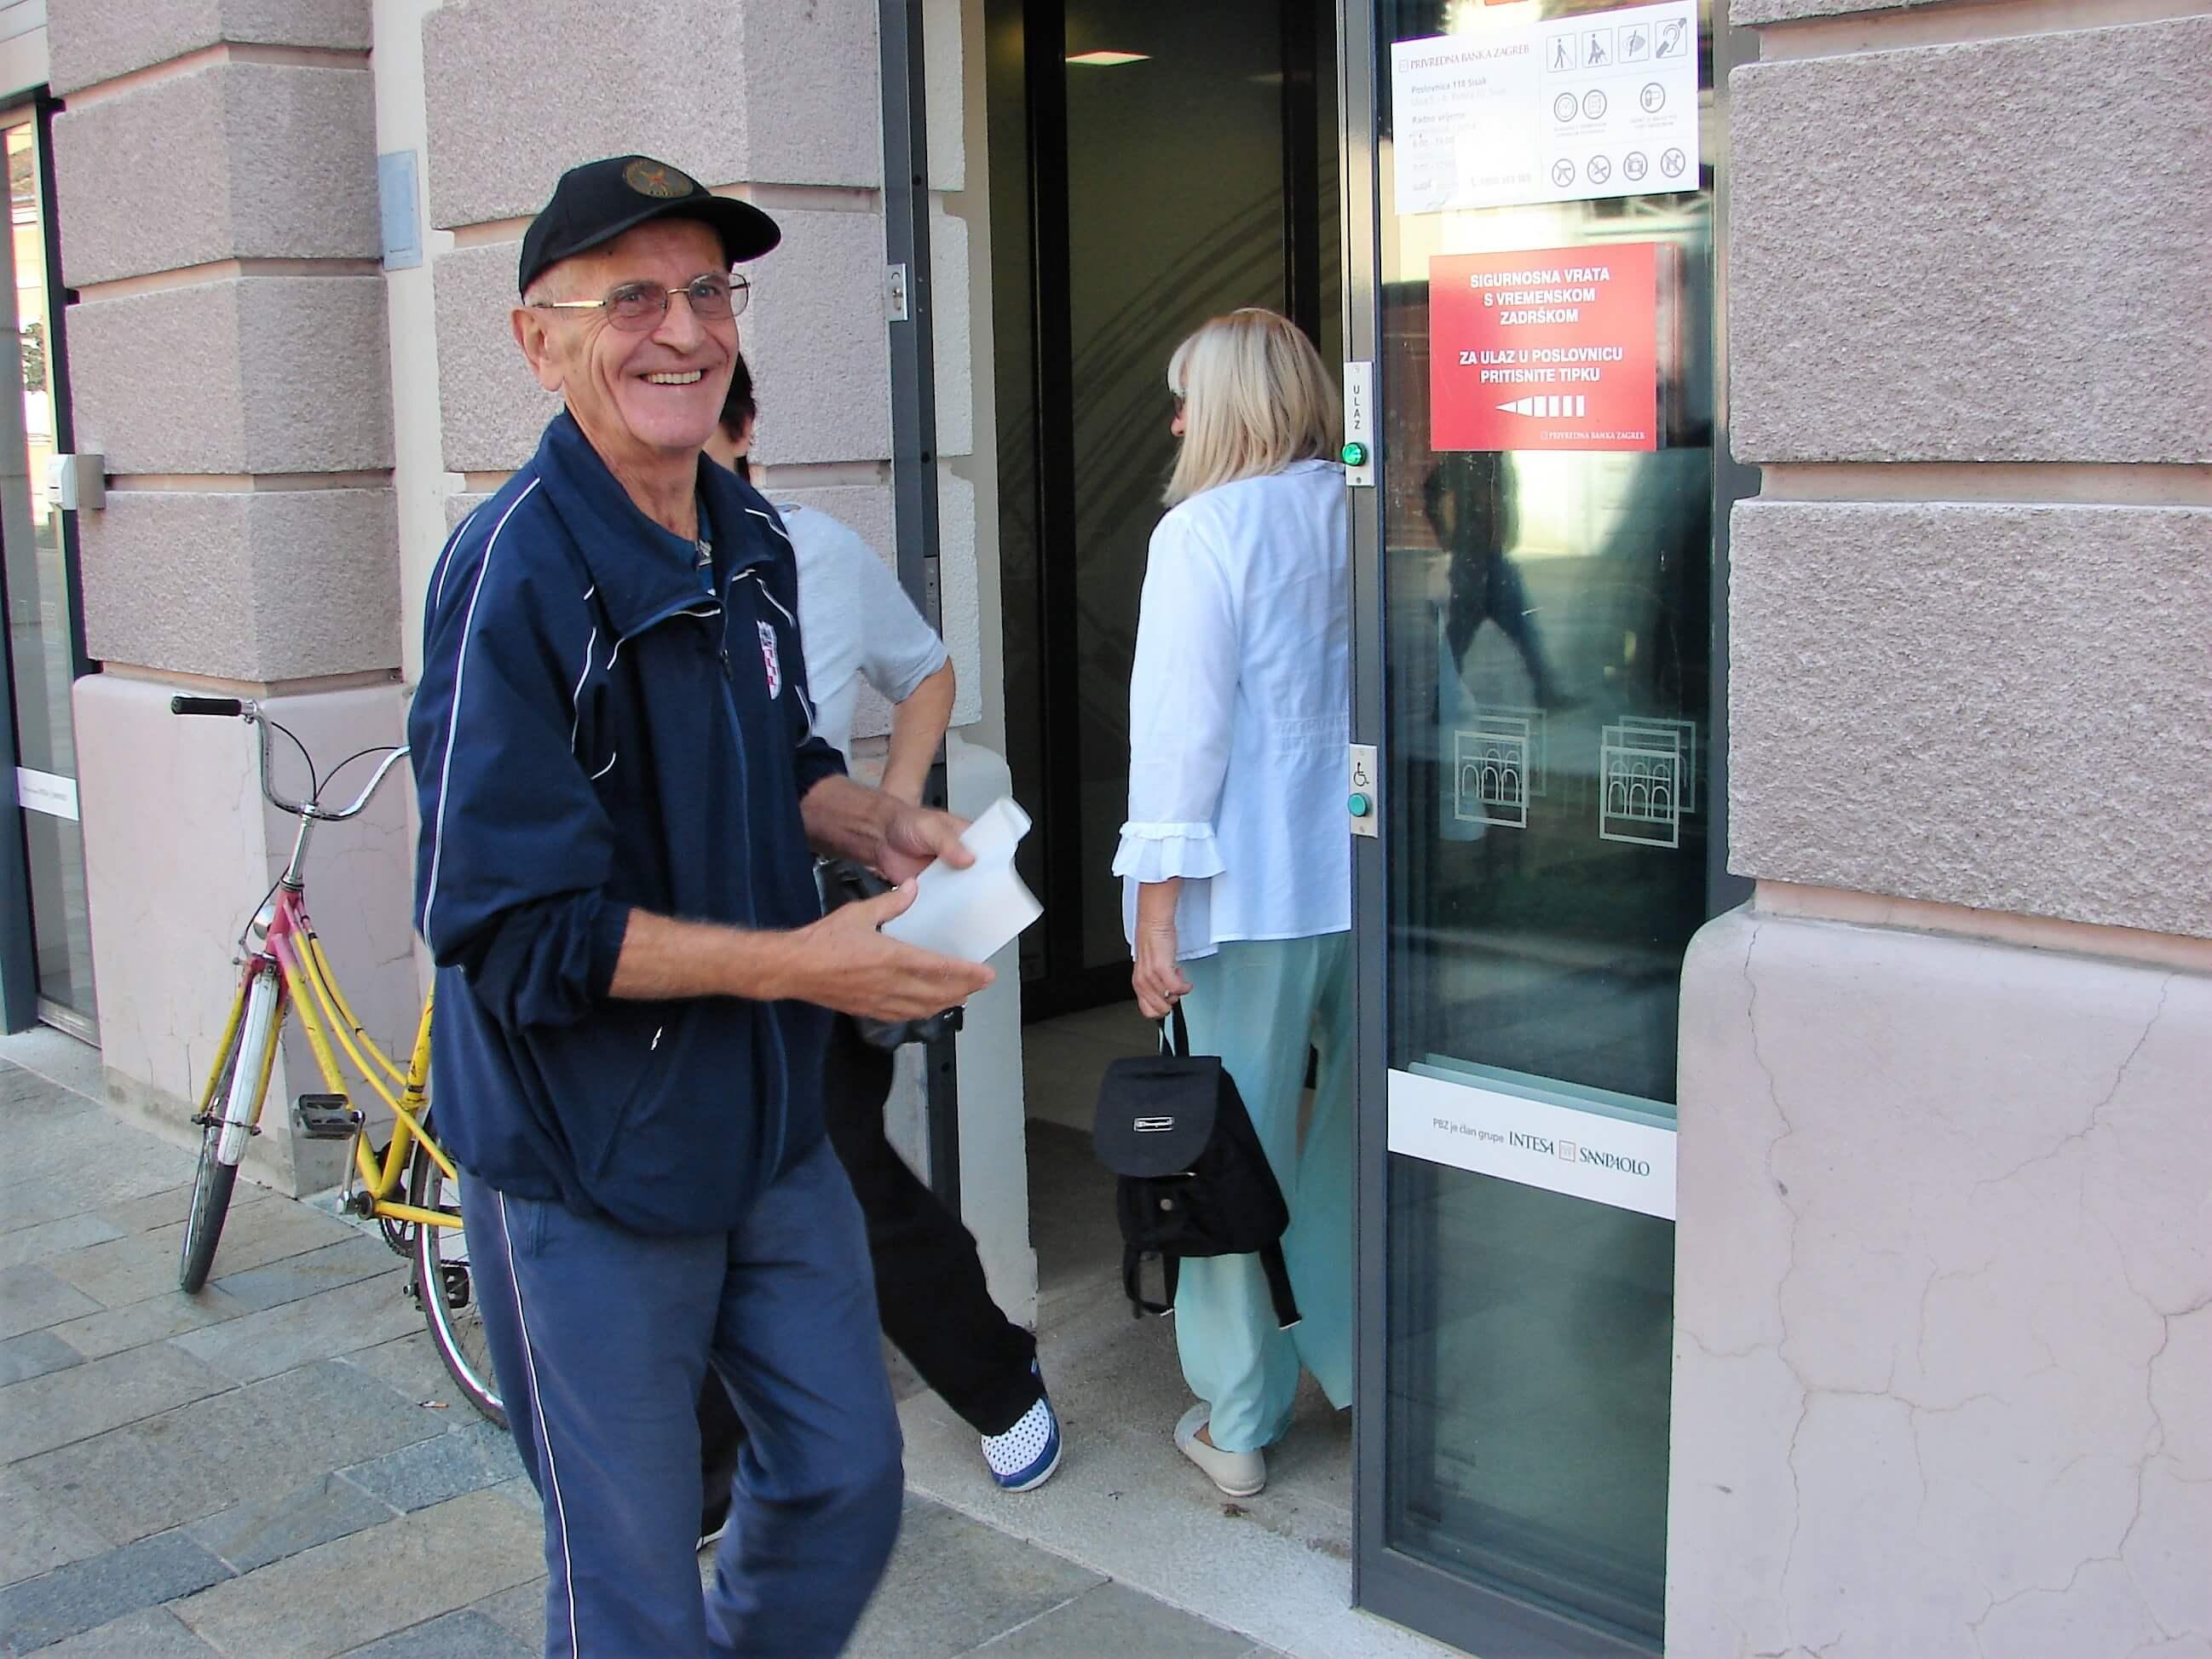 milijunaš austrijska šibica zatvorske stranice za pronalaženje zatvora